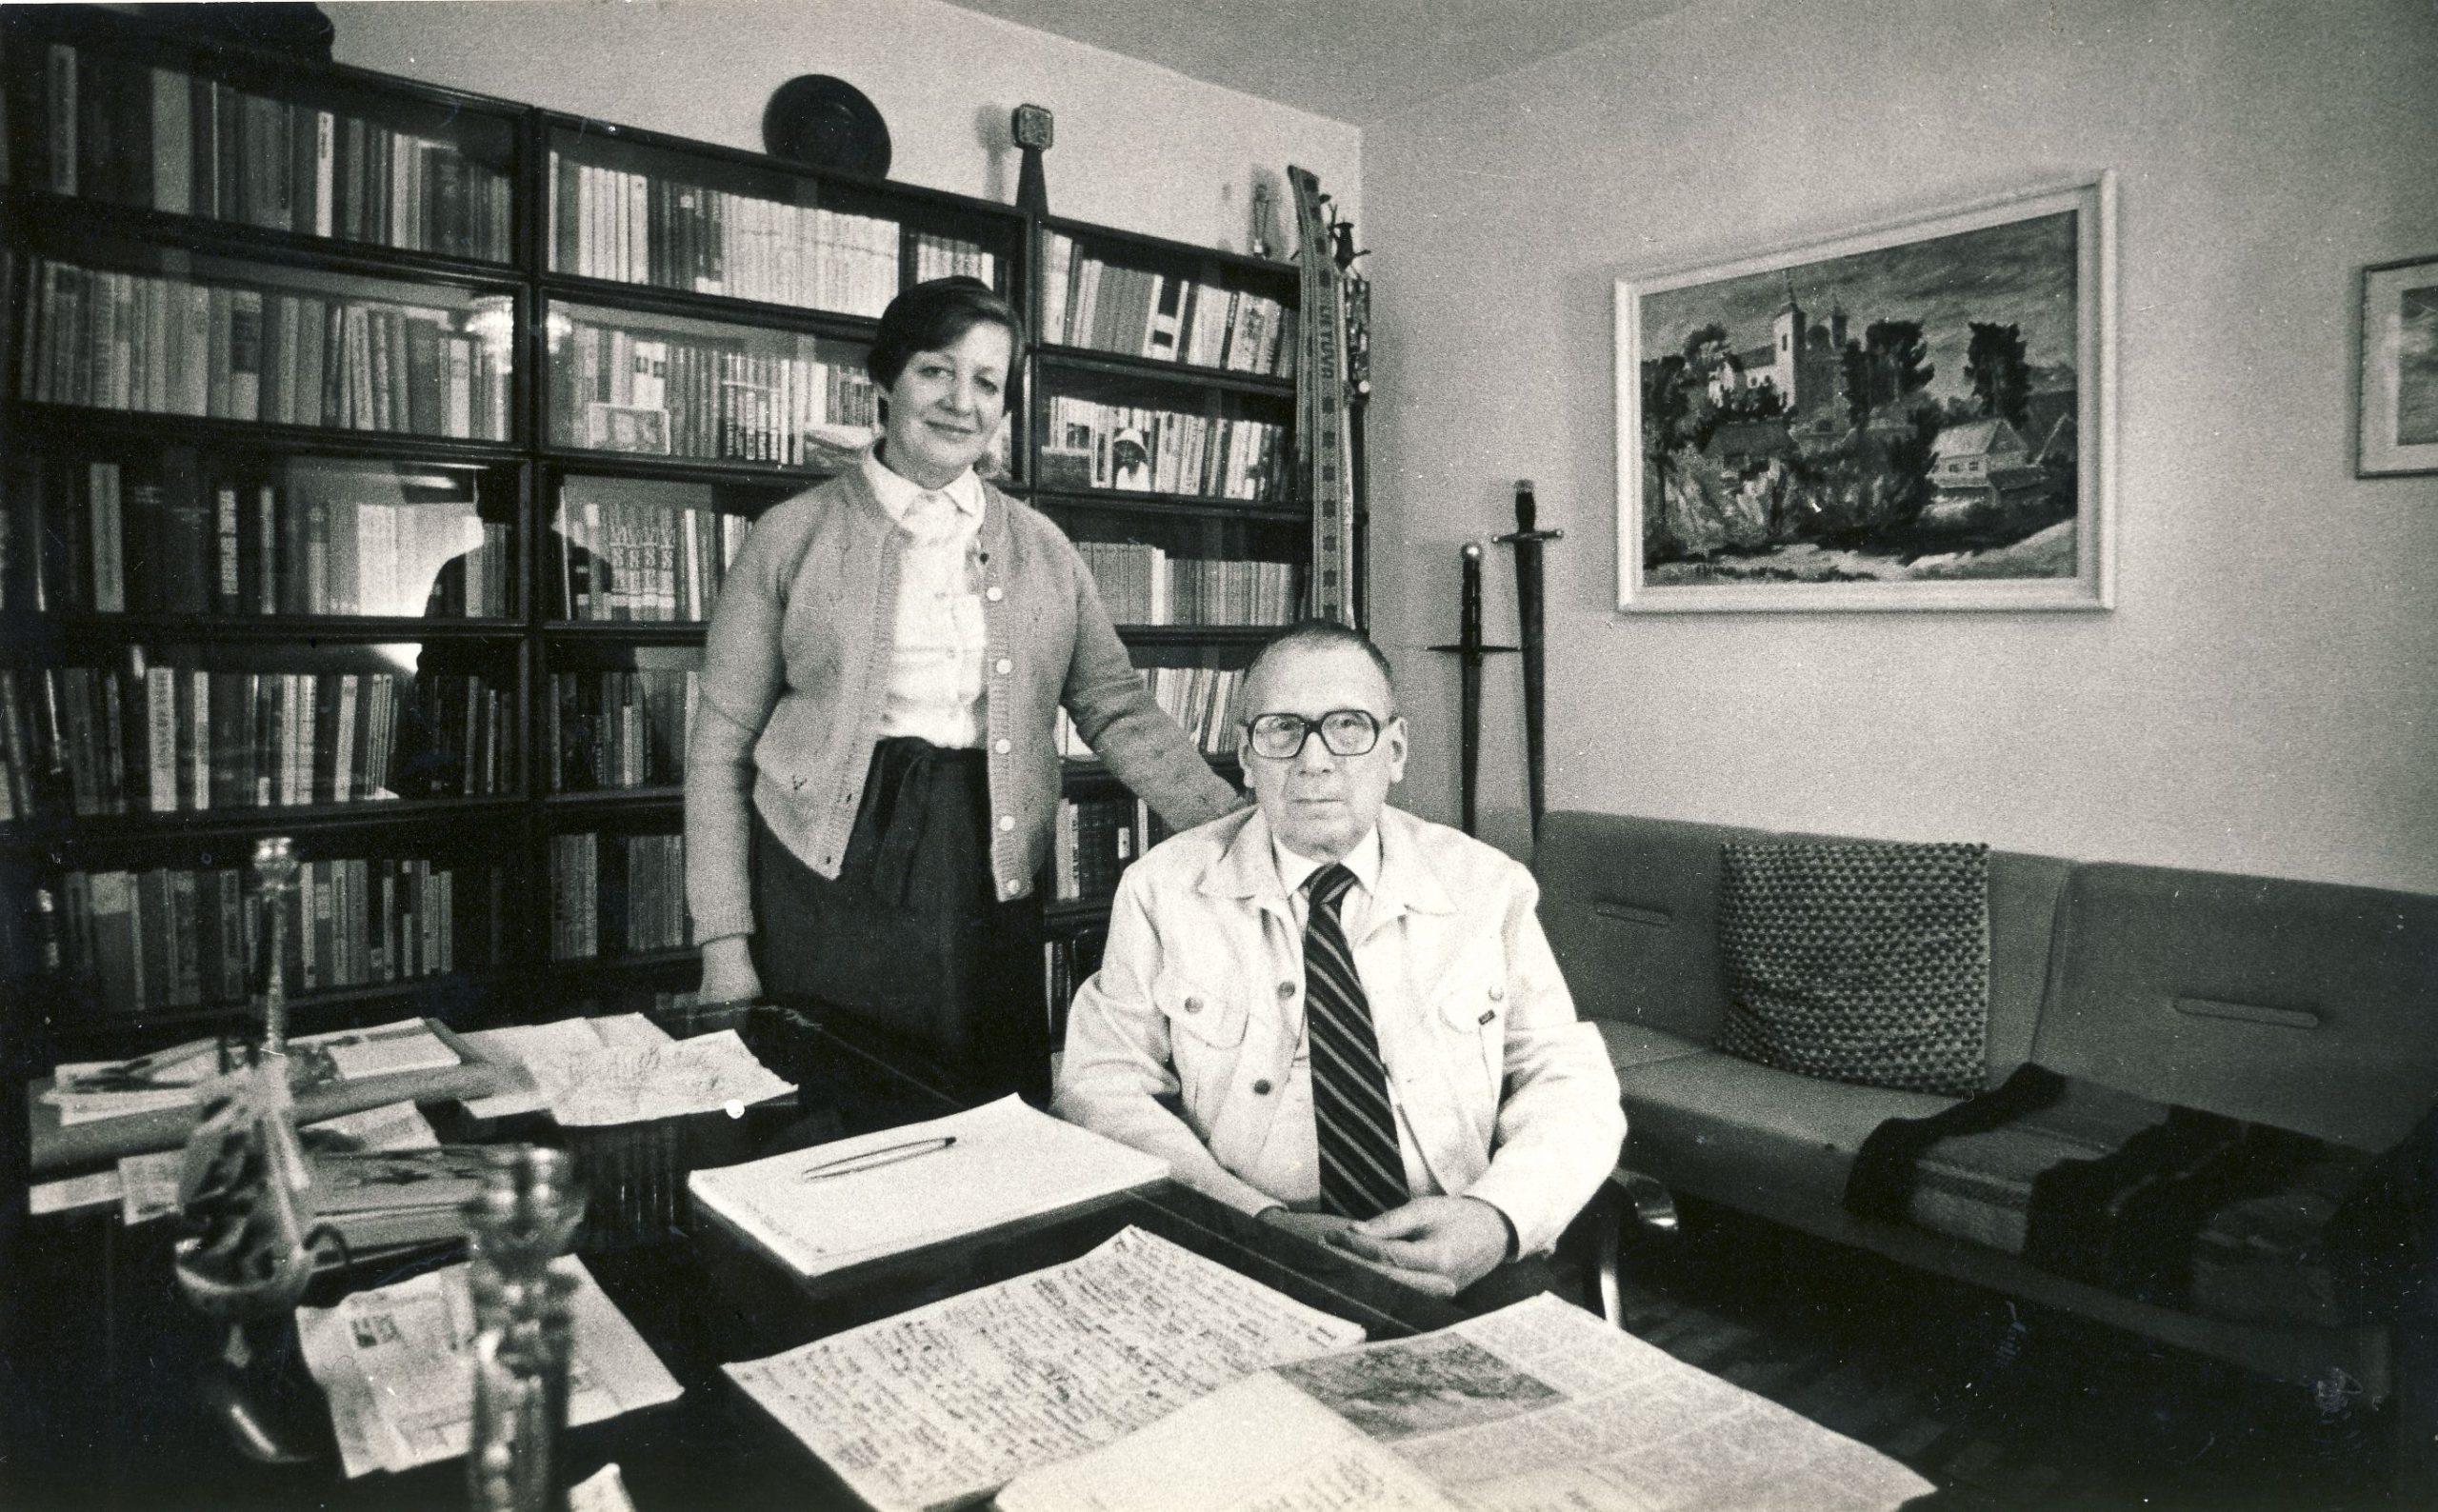 V. Sirijos Gira su žmona  Alma savo bute Vilniuje. 1979 m. A. Žižiūno nuotrauka